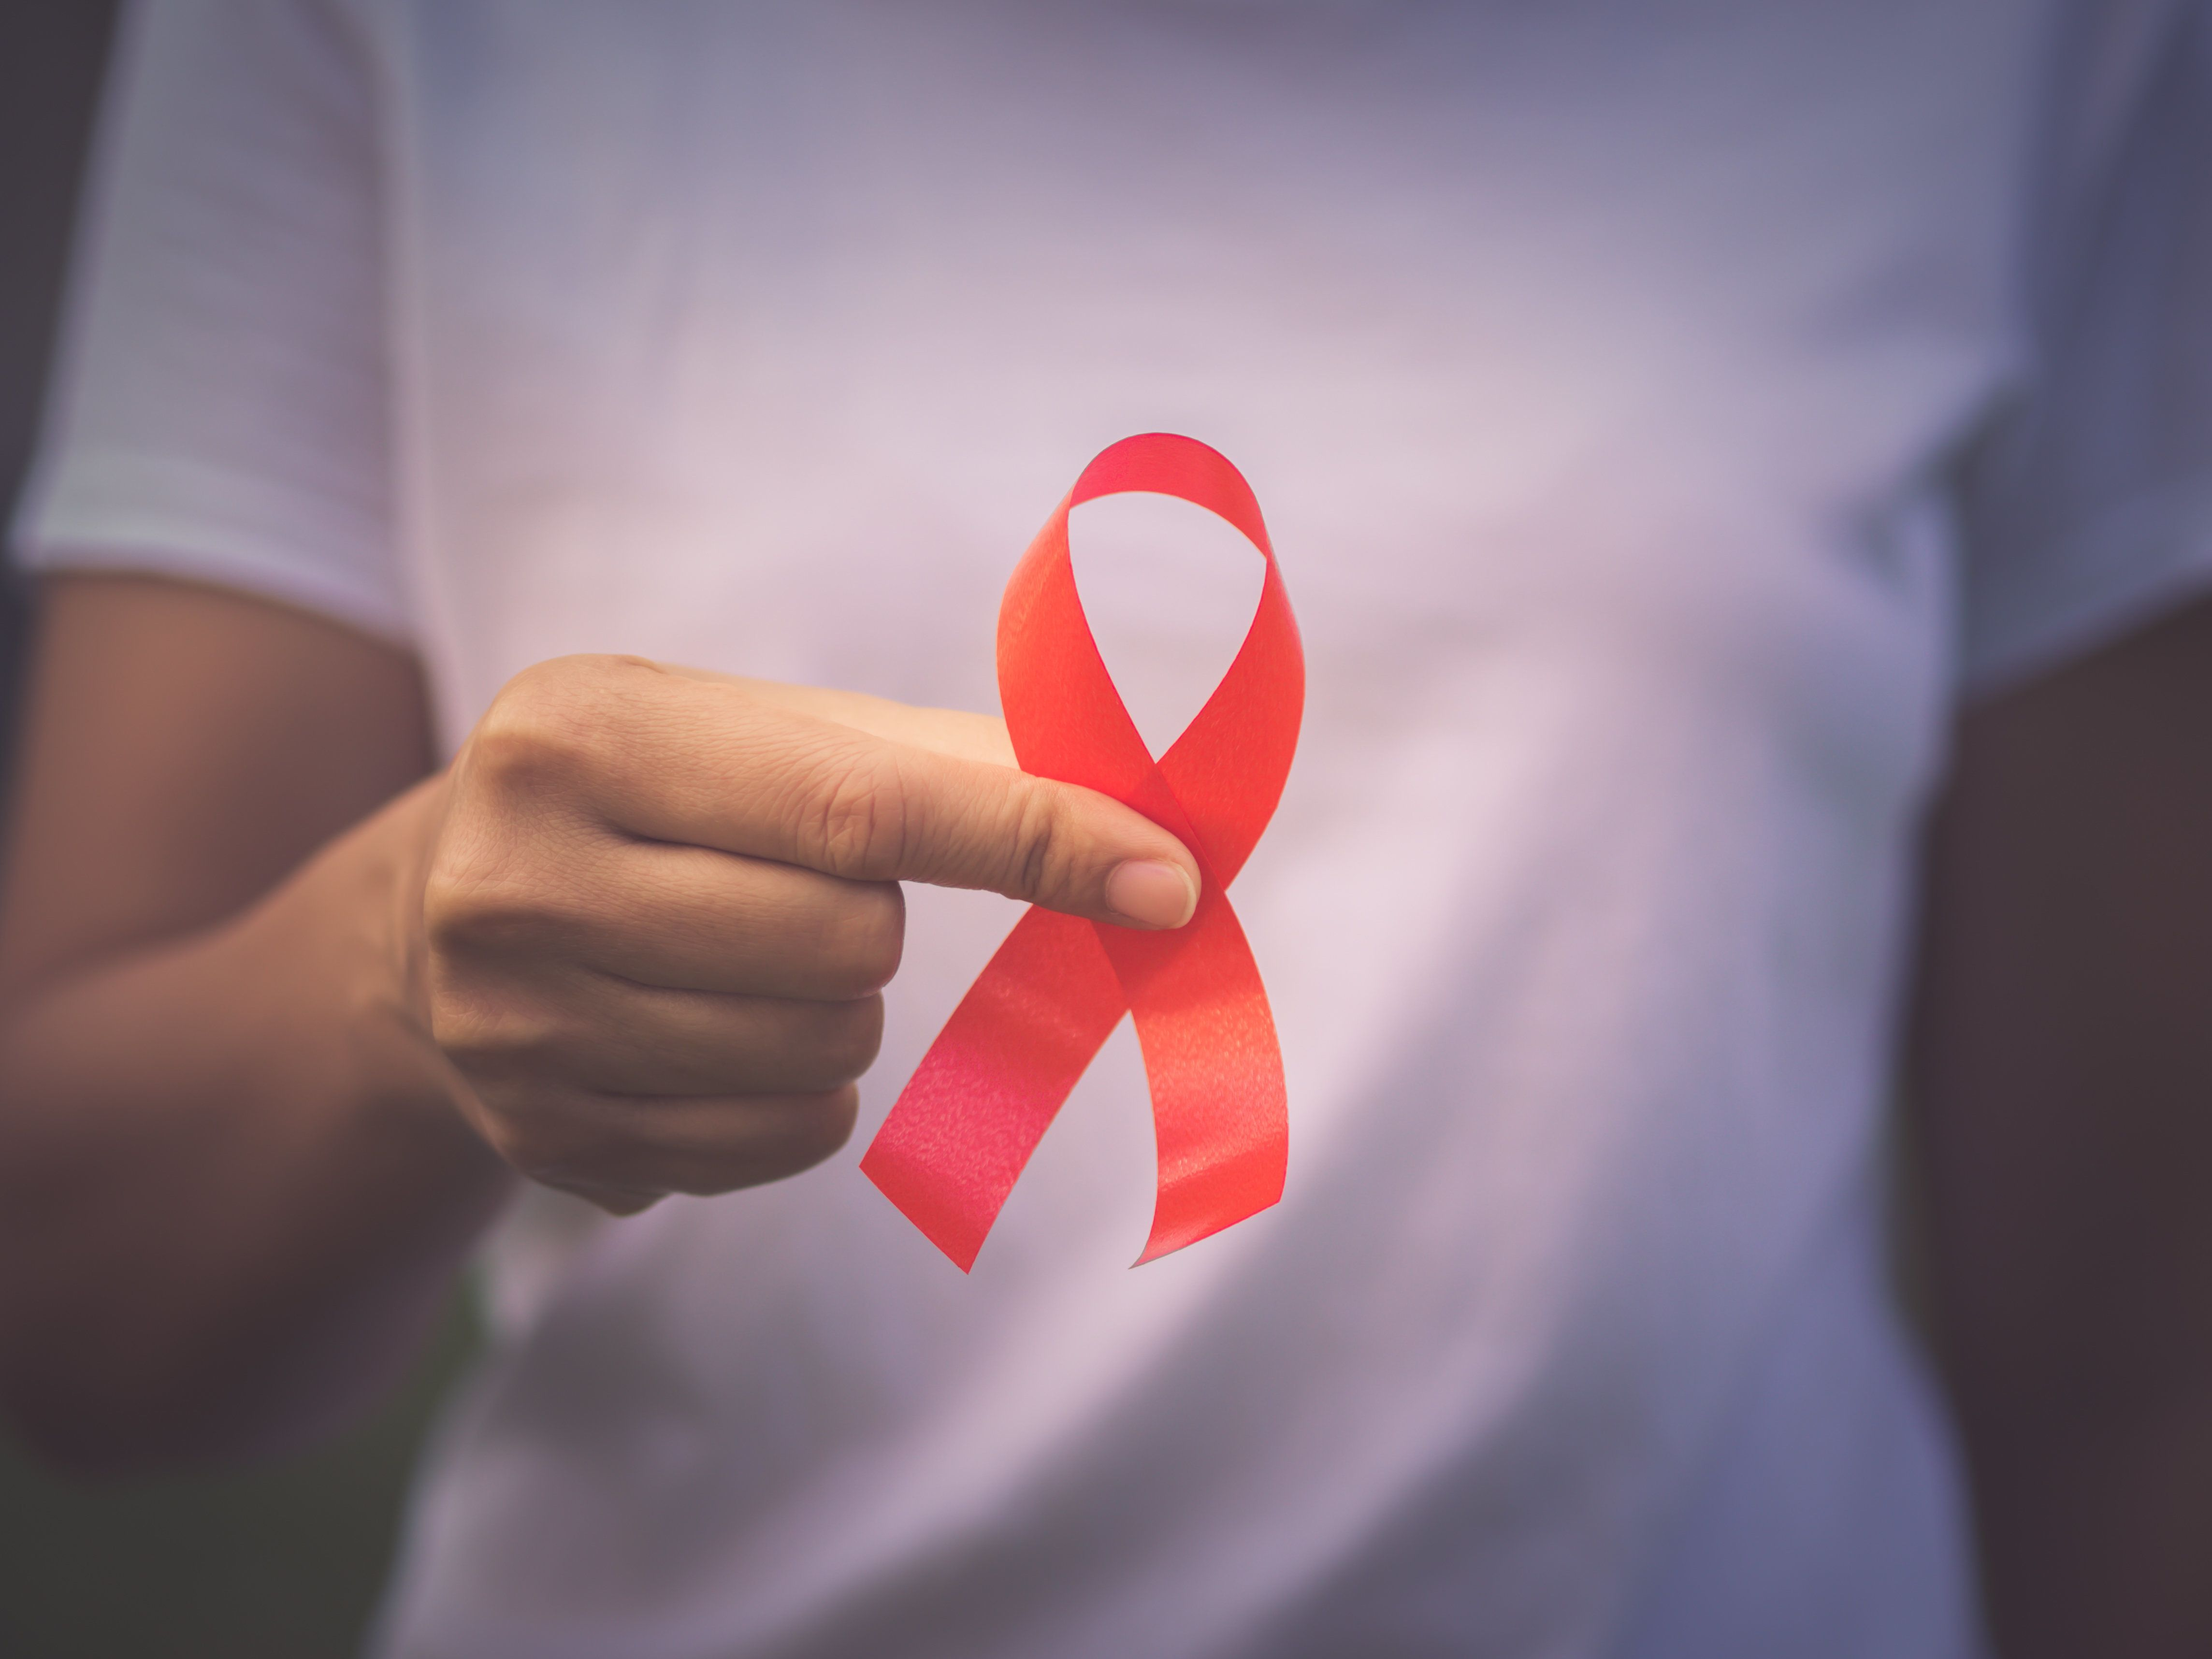 왜 에이즈에 유독 '세금 도둑'이라는 비난이